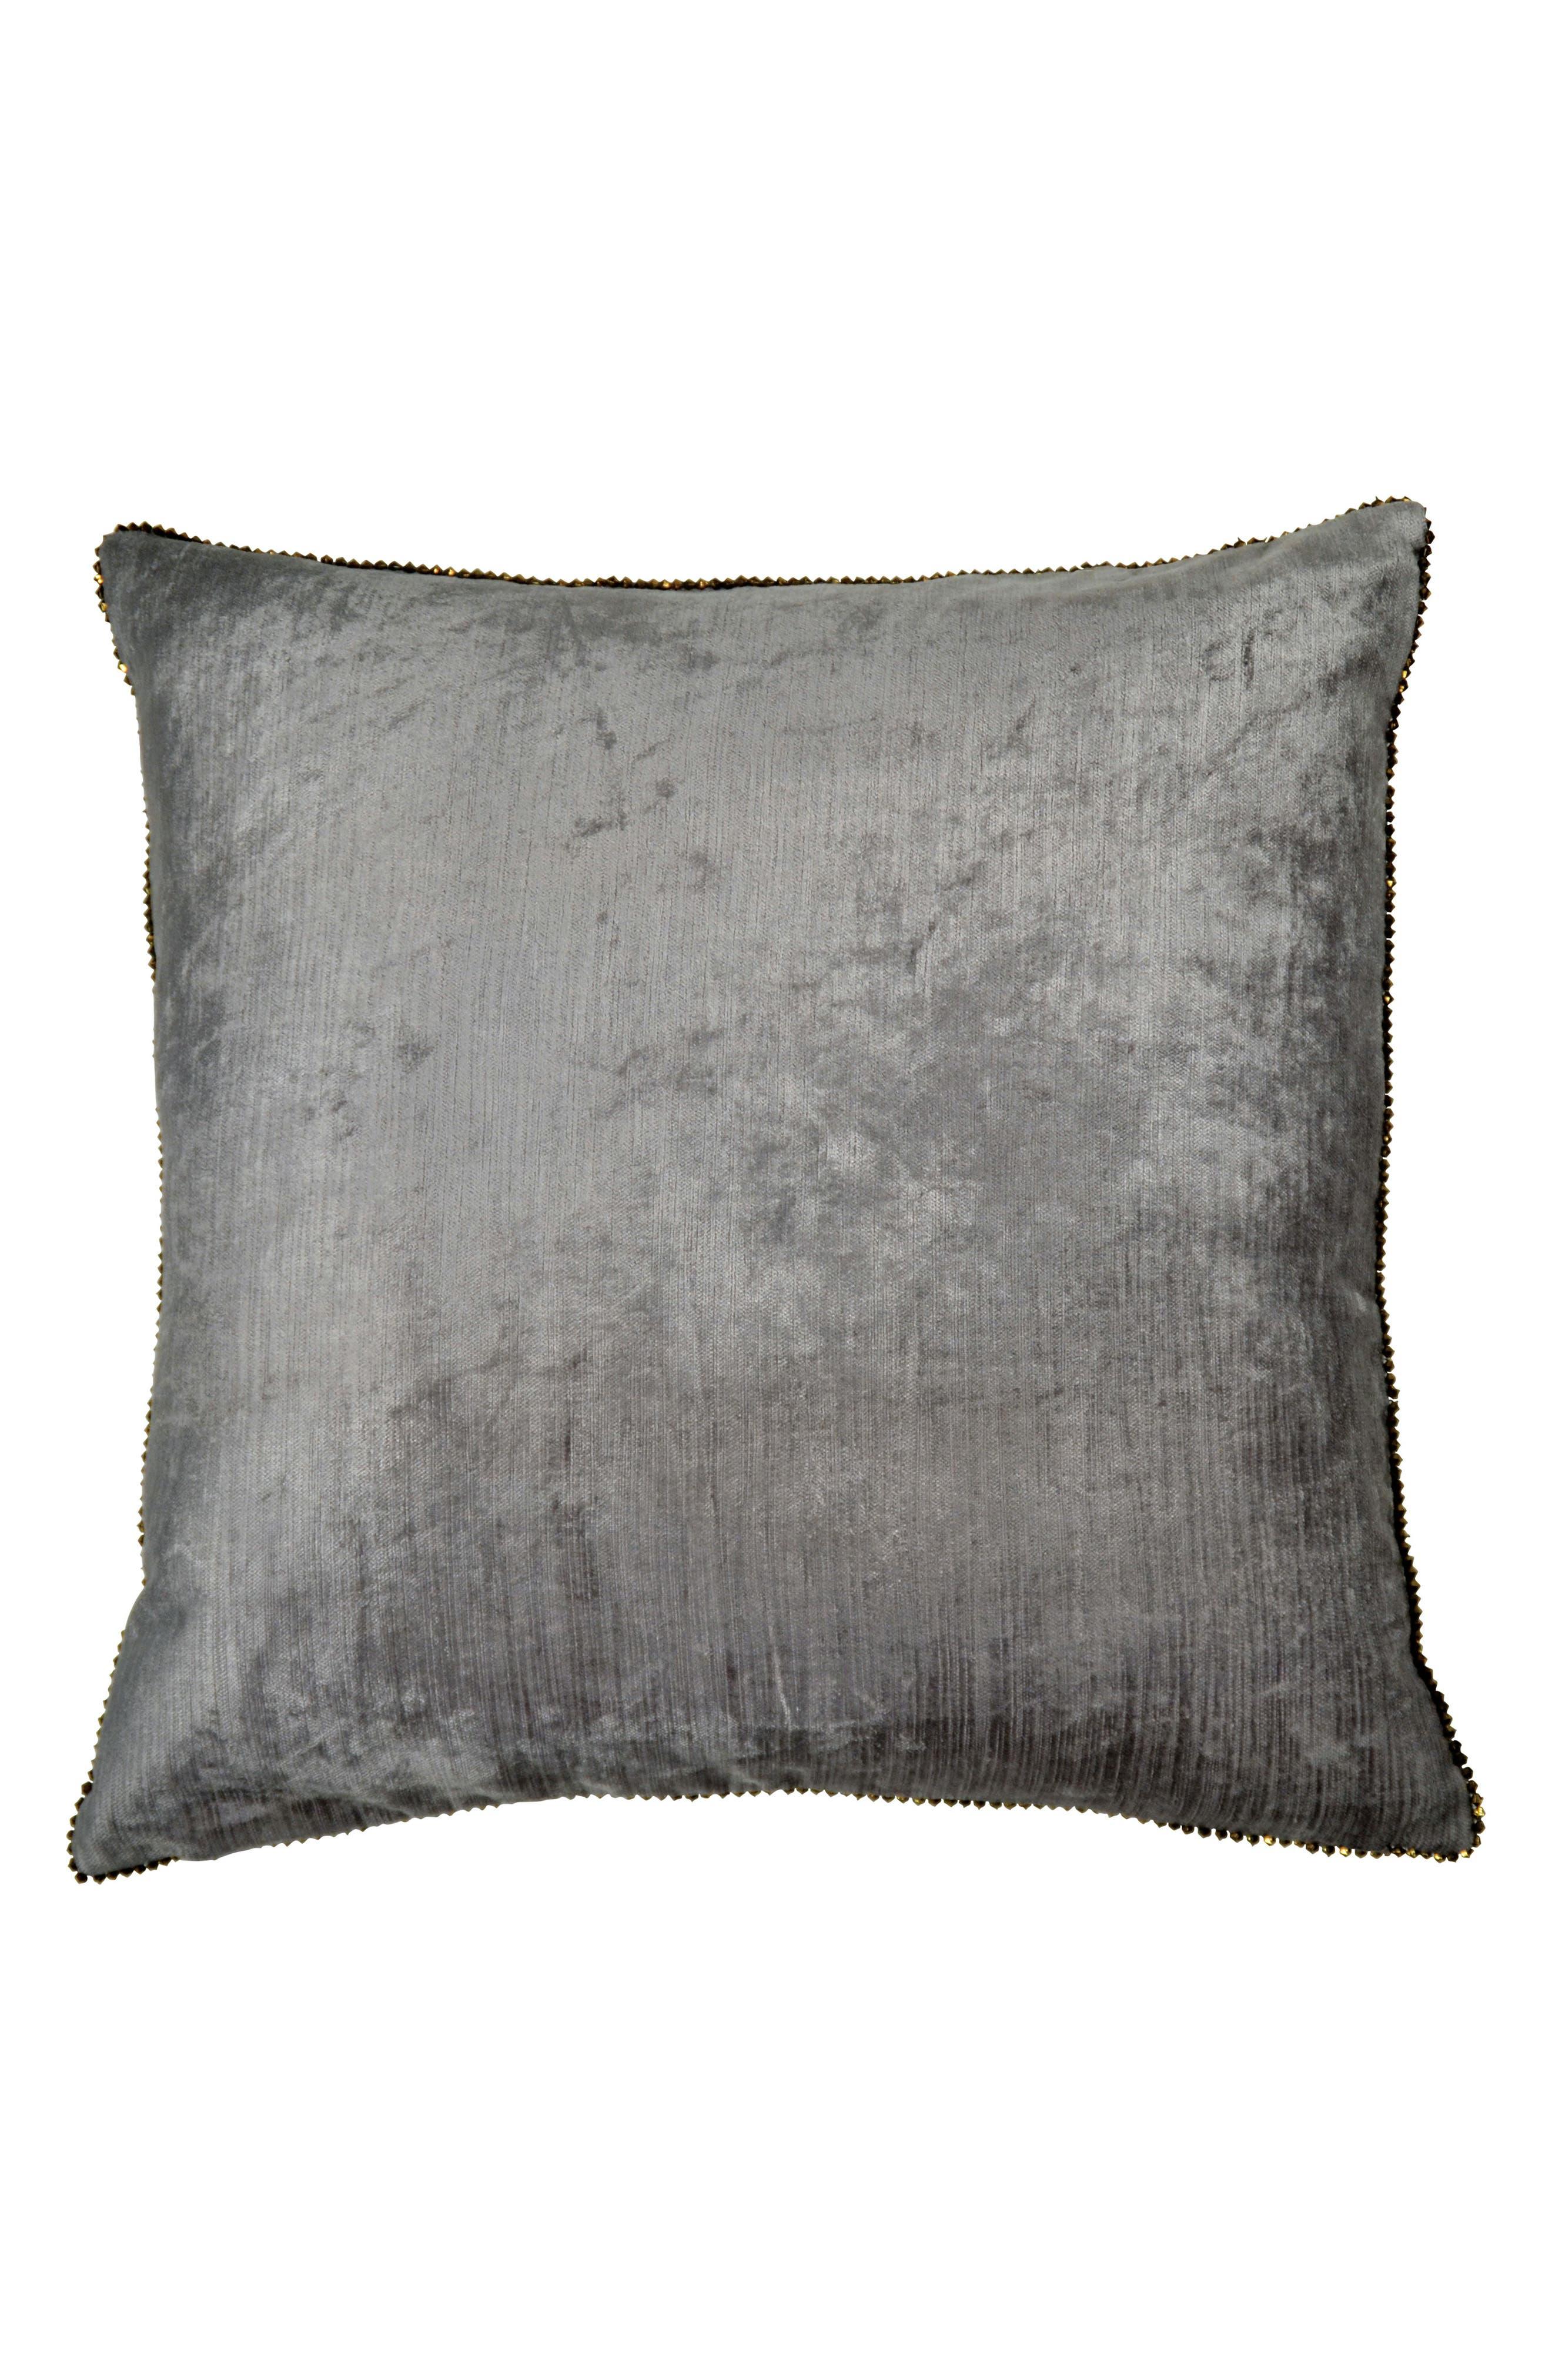 Velvet Accent Pillow,                             Main thumbnail 1, color,                             Grey